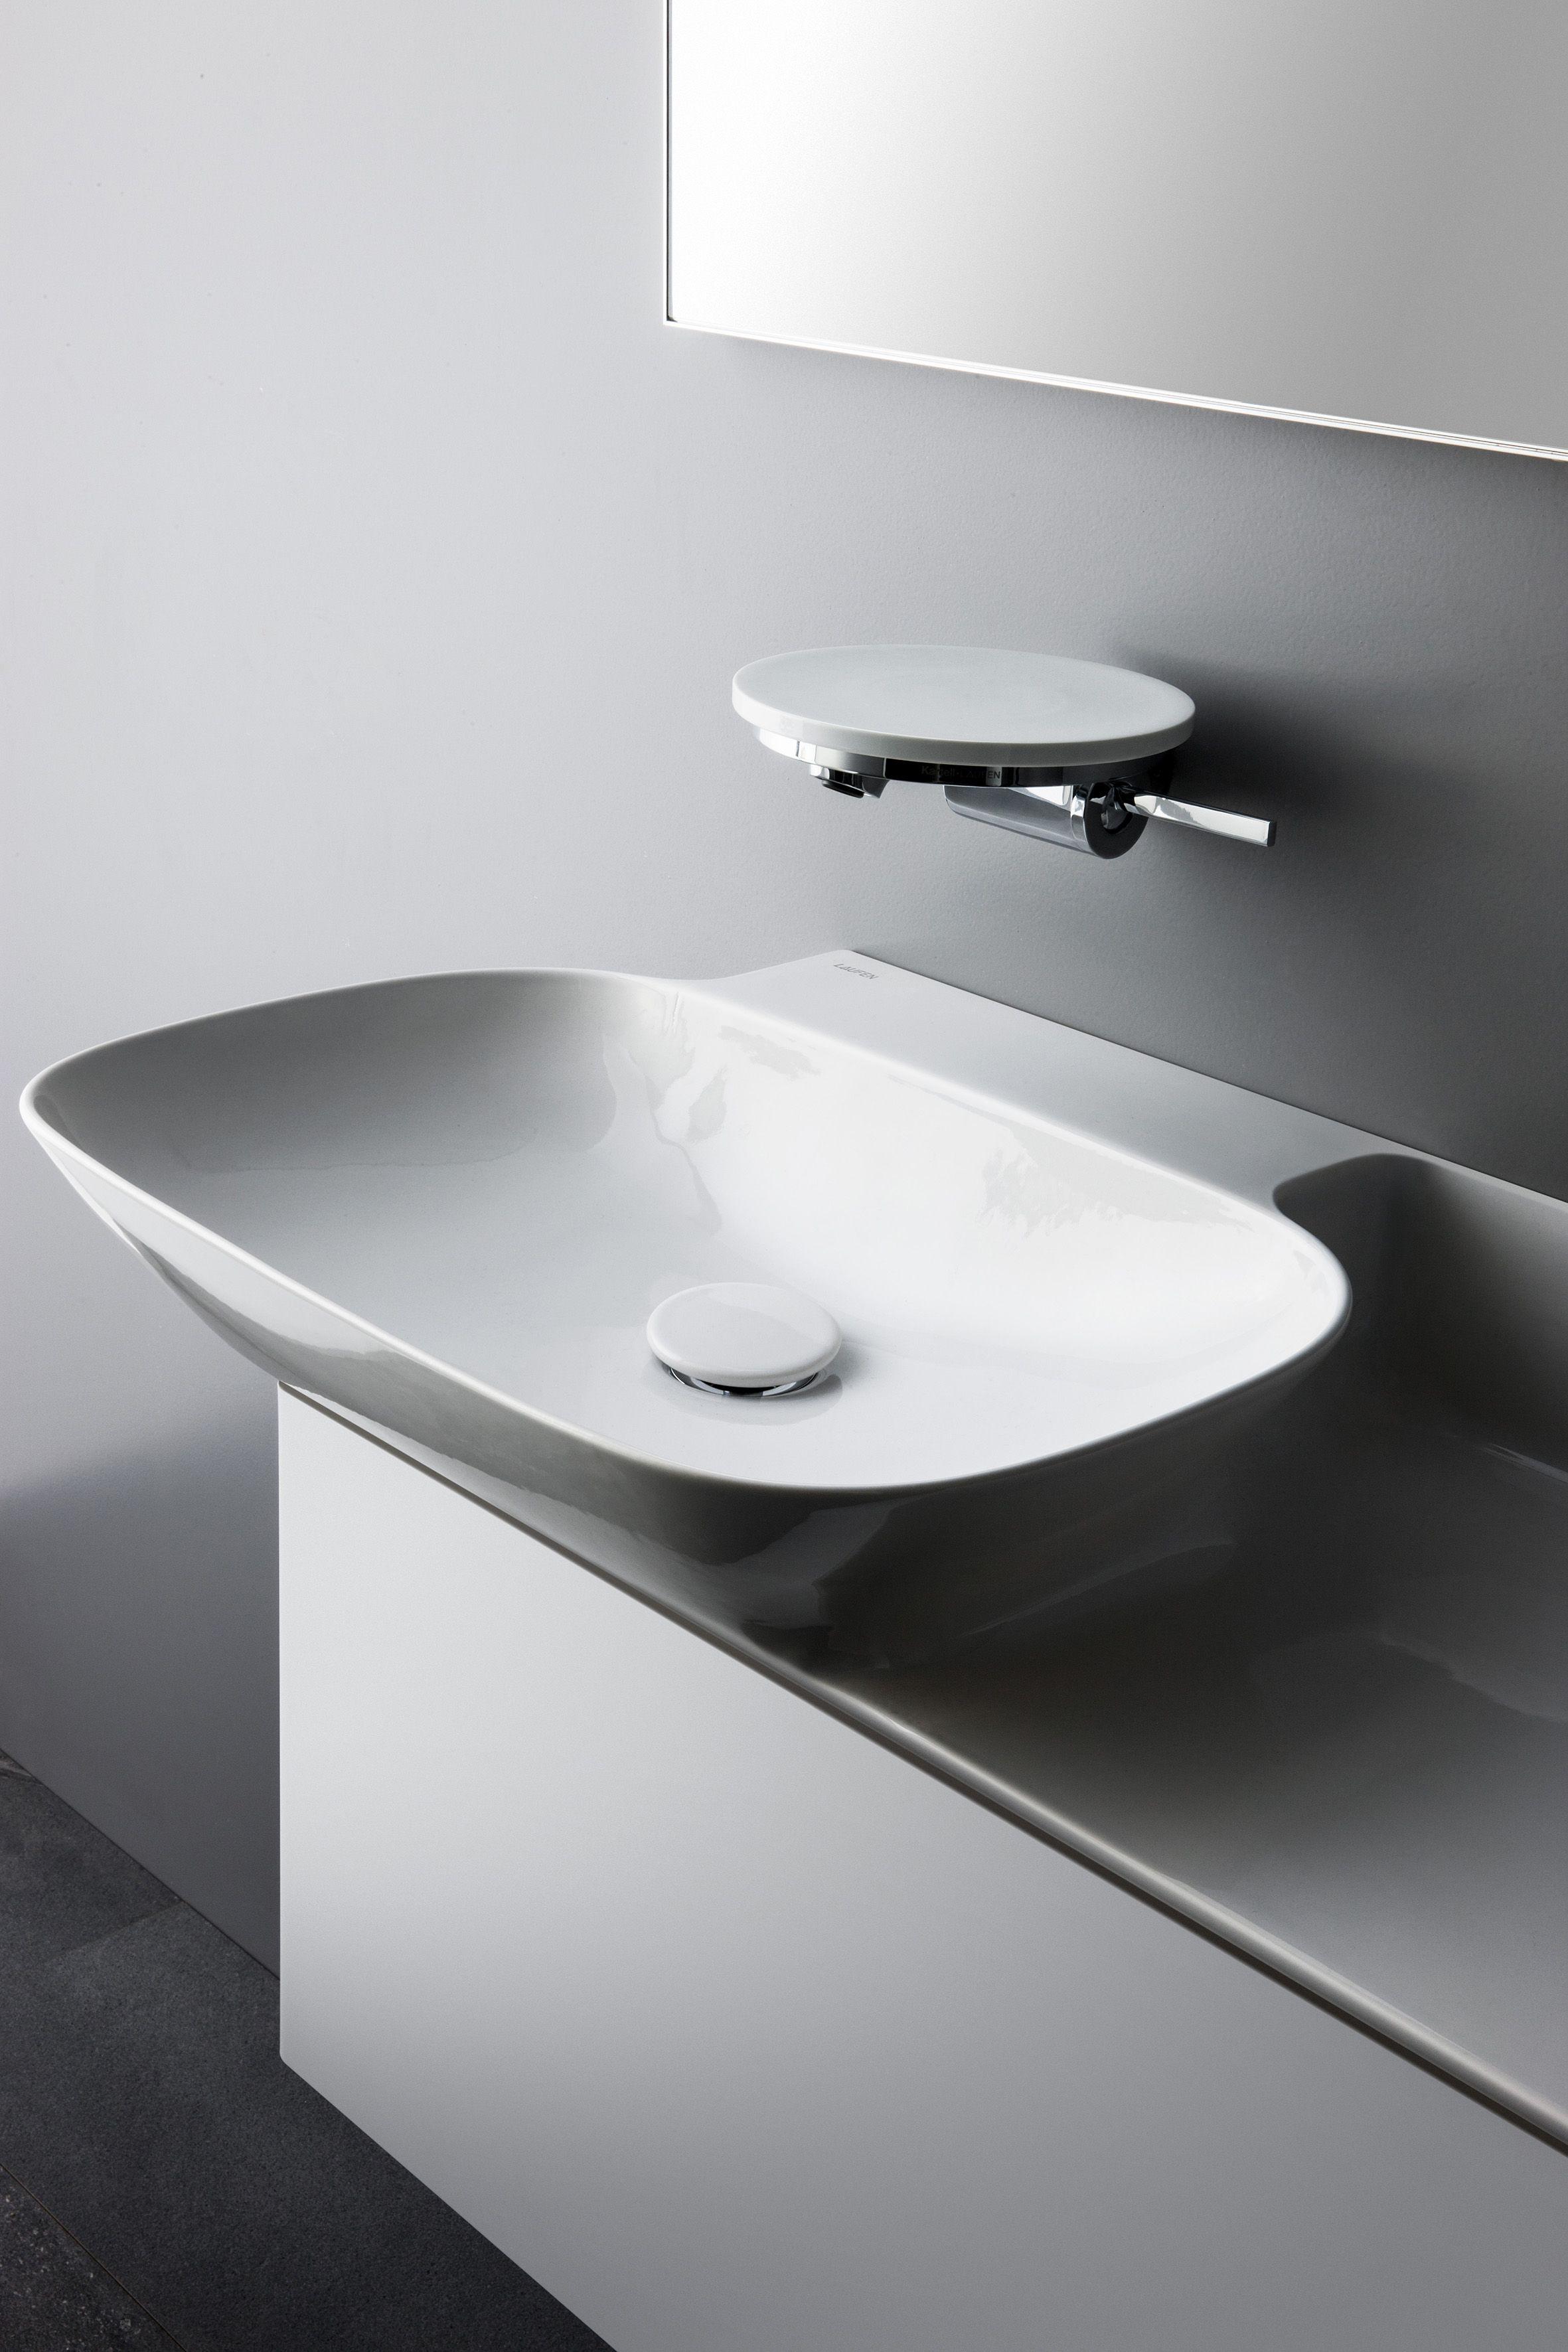 Op zoek naar badkamerinspiratie? Bezig met het kopen van een nieuwe badkamer? Op mijn interieurblog veel inspiratie zoals o.a. deze collectie van Laufen. http://www.interieurinspiratie.nl/